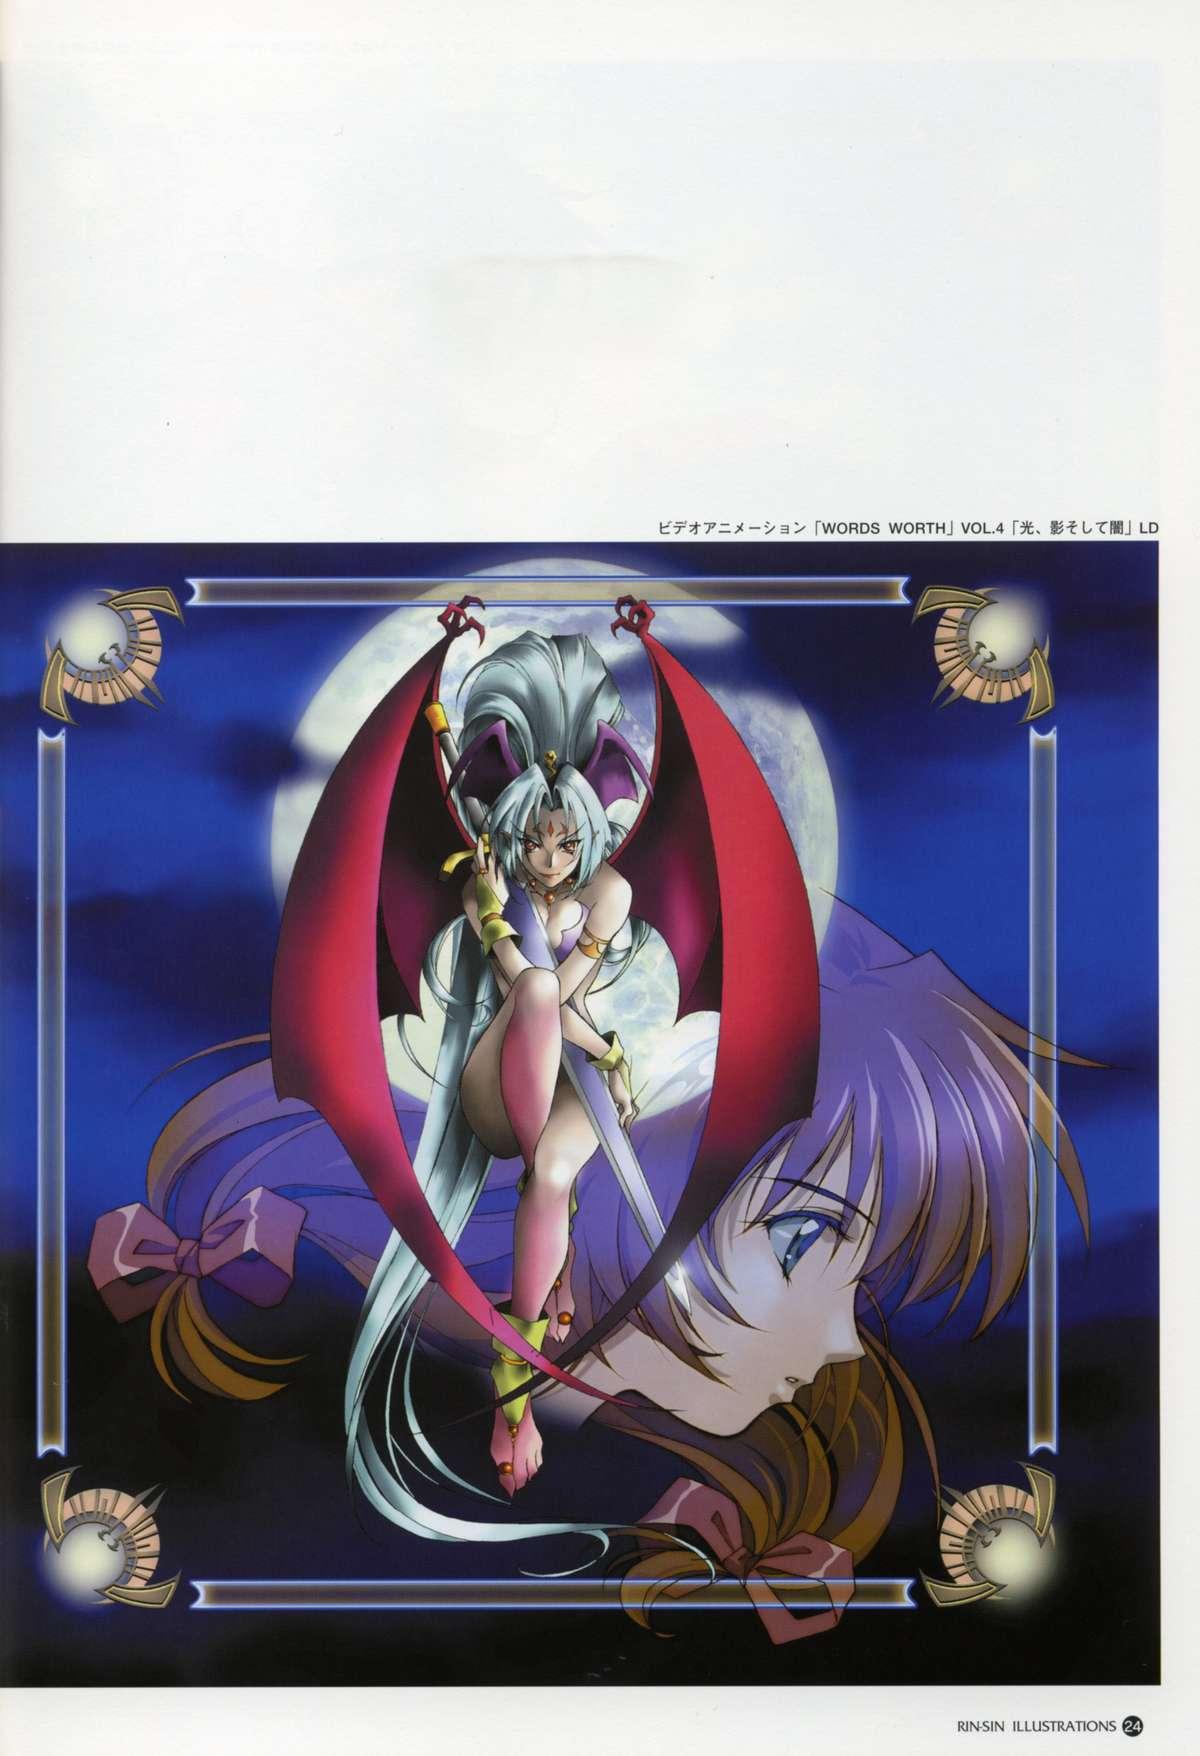 Rin Sin ILLUSTRATIONS 62